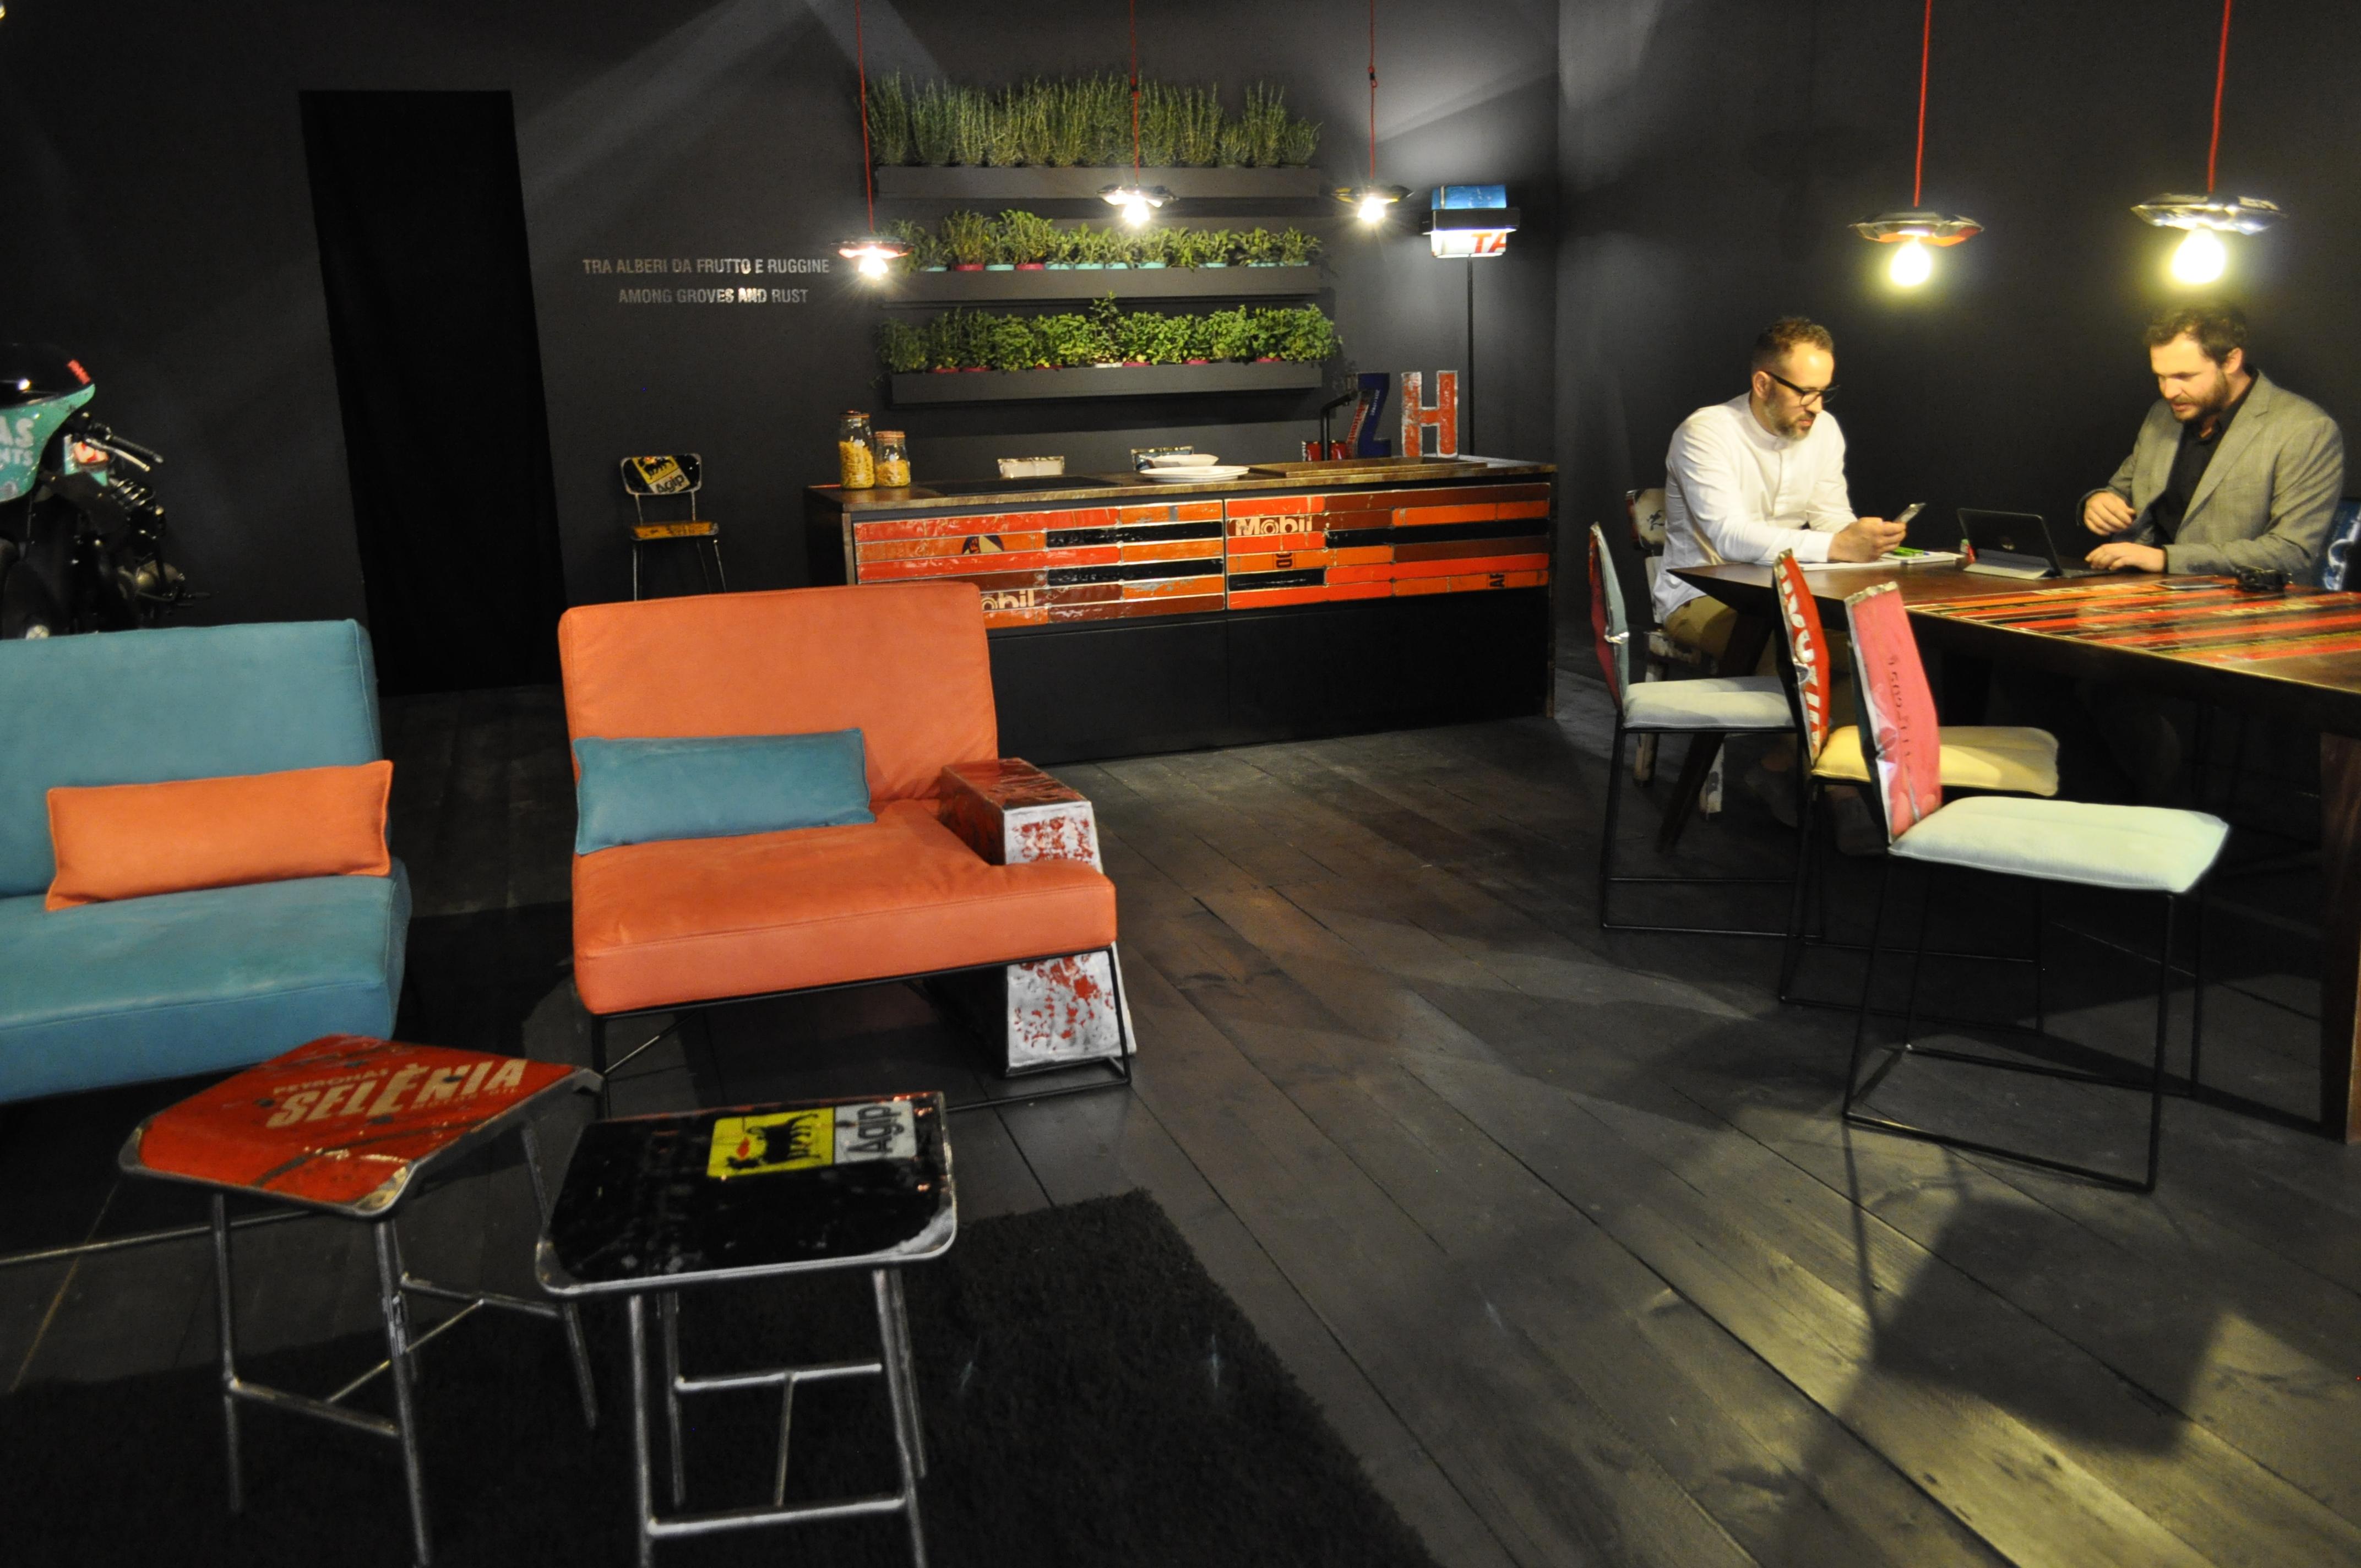 Moda e design al salone del mobile pari cucine - Cucine salone del mobile 2017 ...